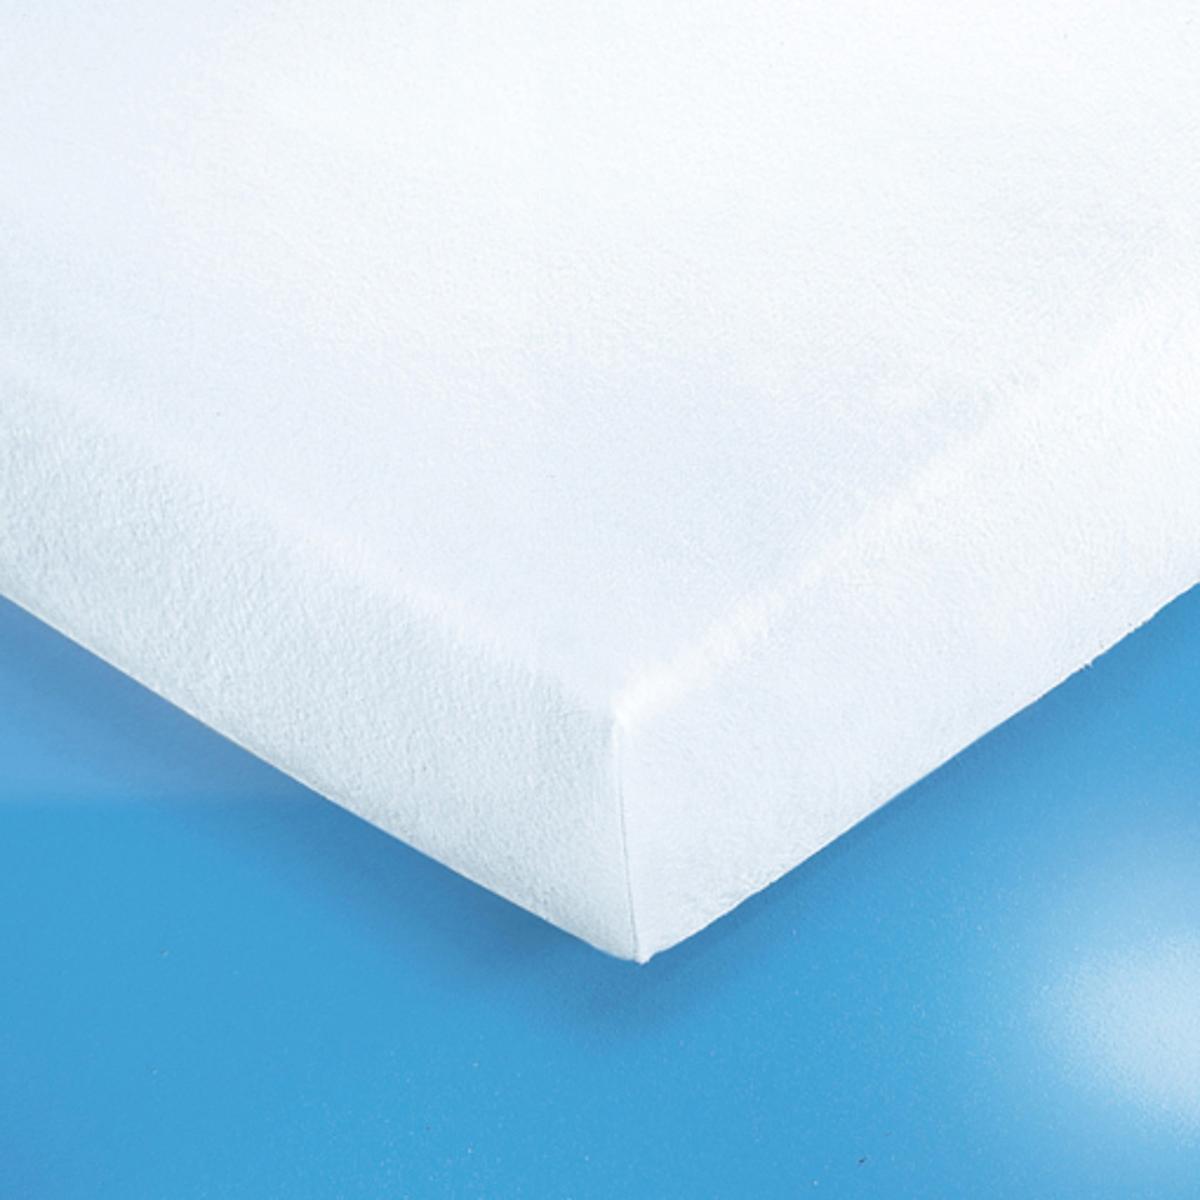 Чехол защитный для матраса натяжной из эластичной махровой тканиПрочный и нежный на ощупь защитный чехол из мягкой махровой ткани с завитым ворсом80% хлопка, 20% полиэстера, 170г/м?. Эластичный чехол легко надевается на матрас (высота 10-18 см).4 уголка (высота 21 см).Стирка при температуре до 60°.<br><br>Цвет: белый<br>Размер: 90 x 190 см